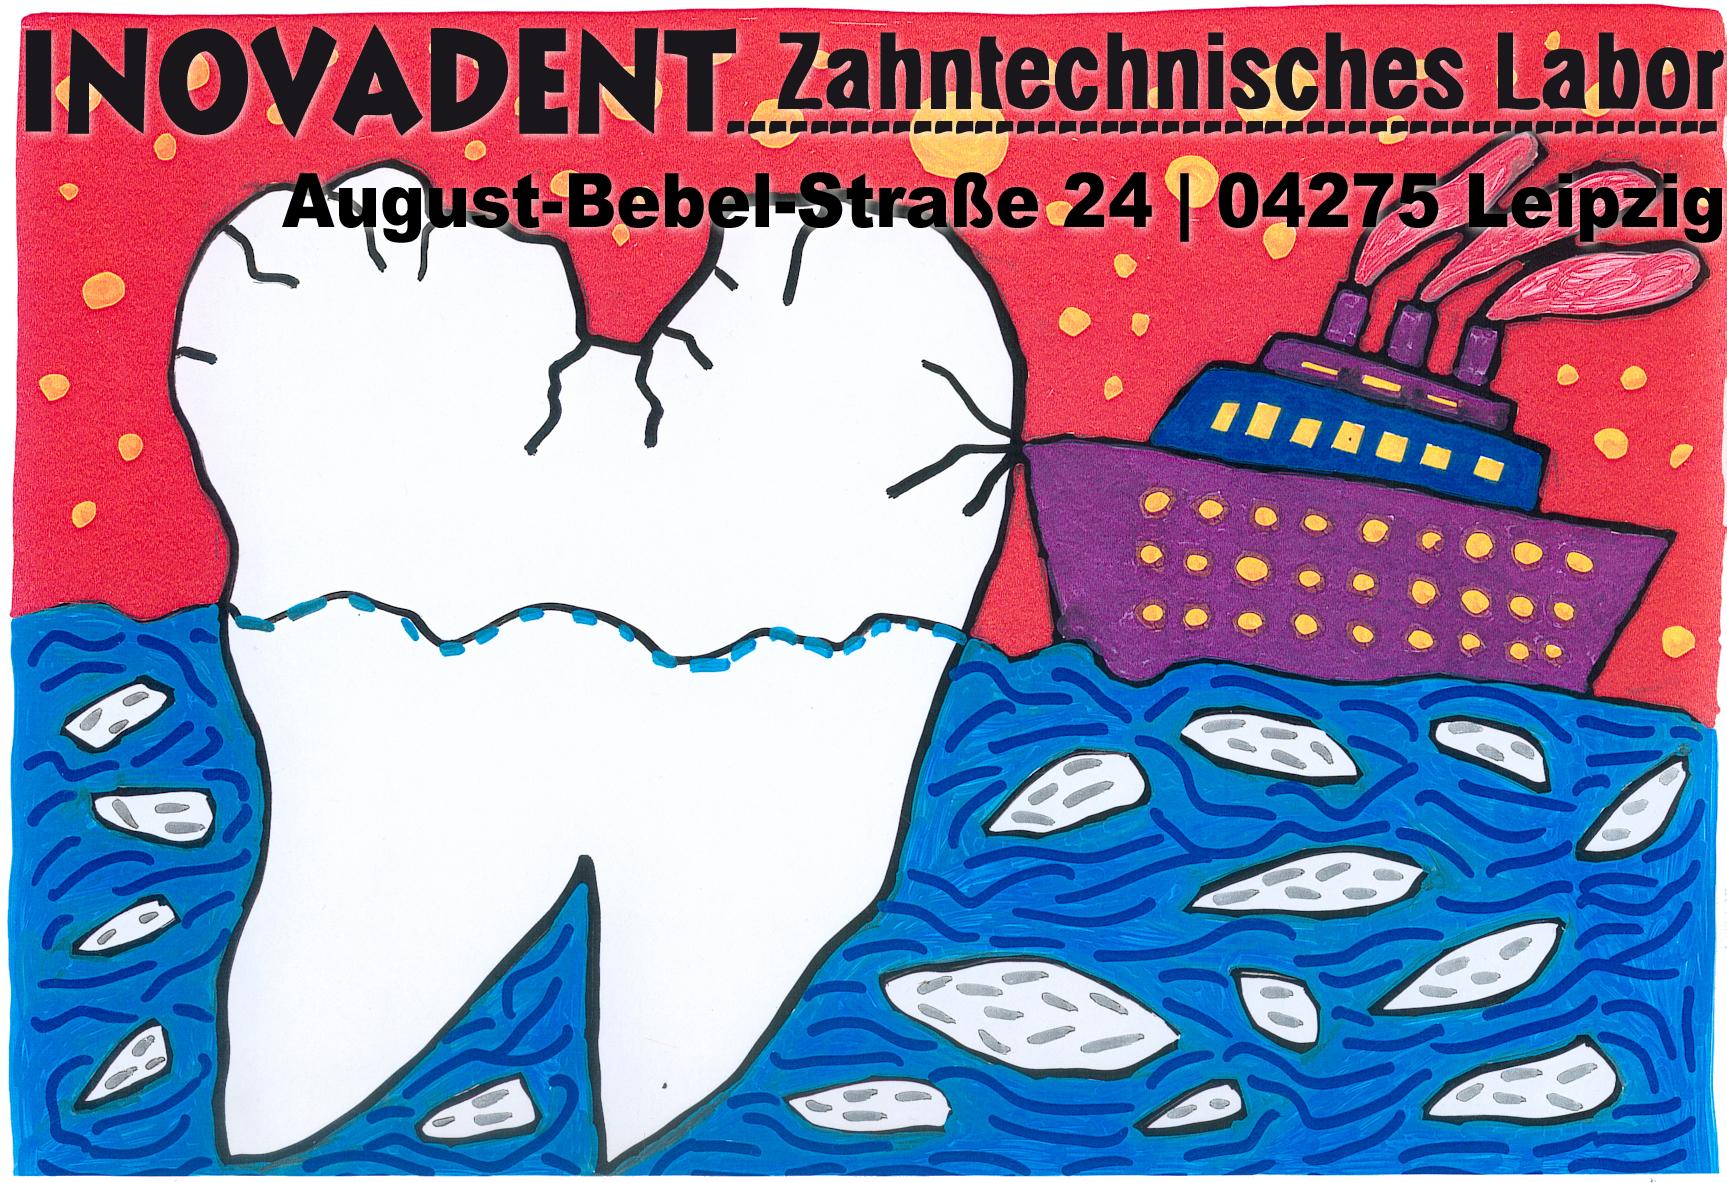 Inovadent Zahntechnisches Labor GmbH